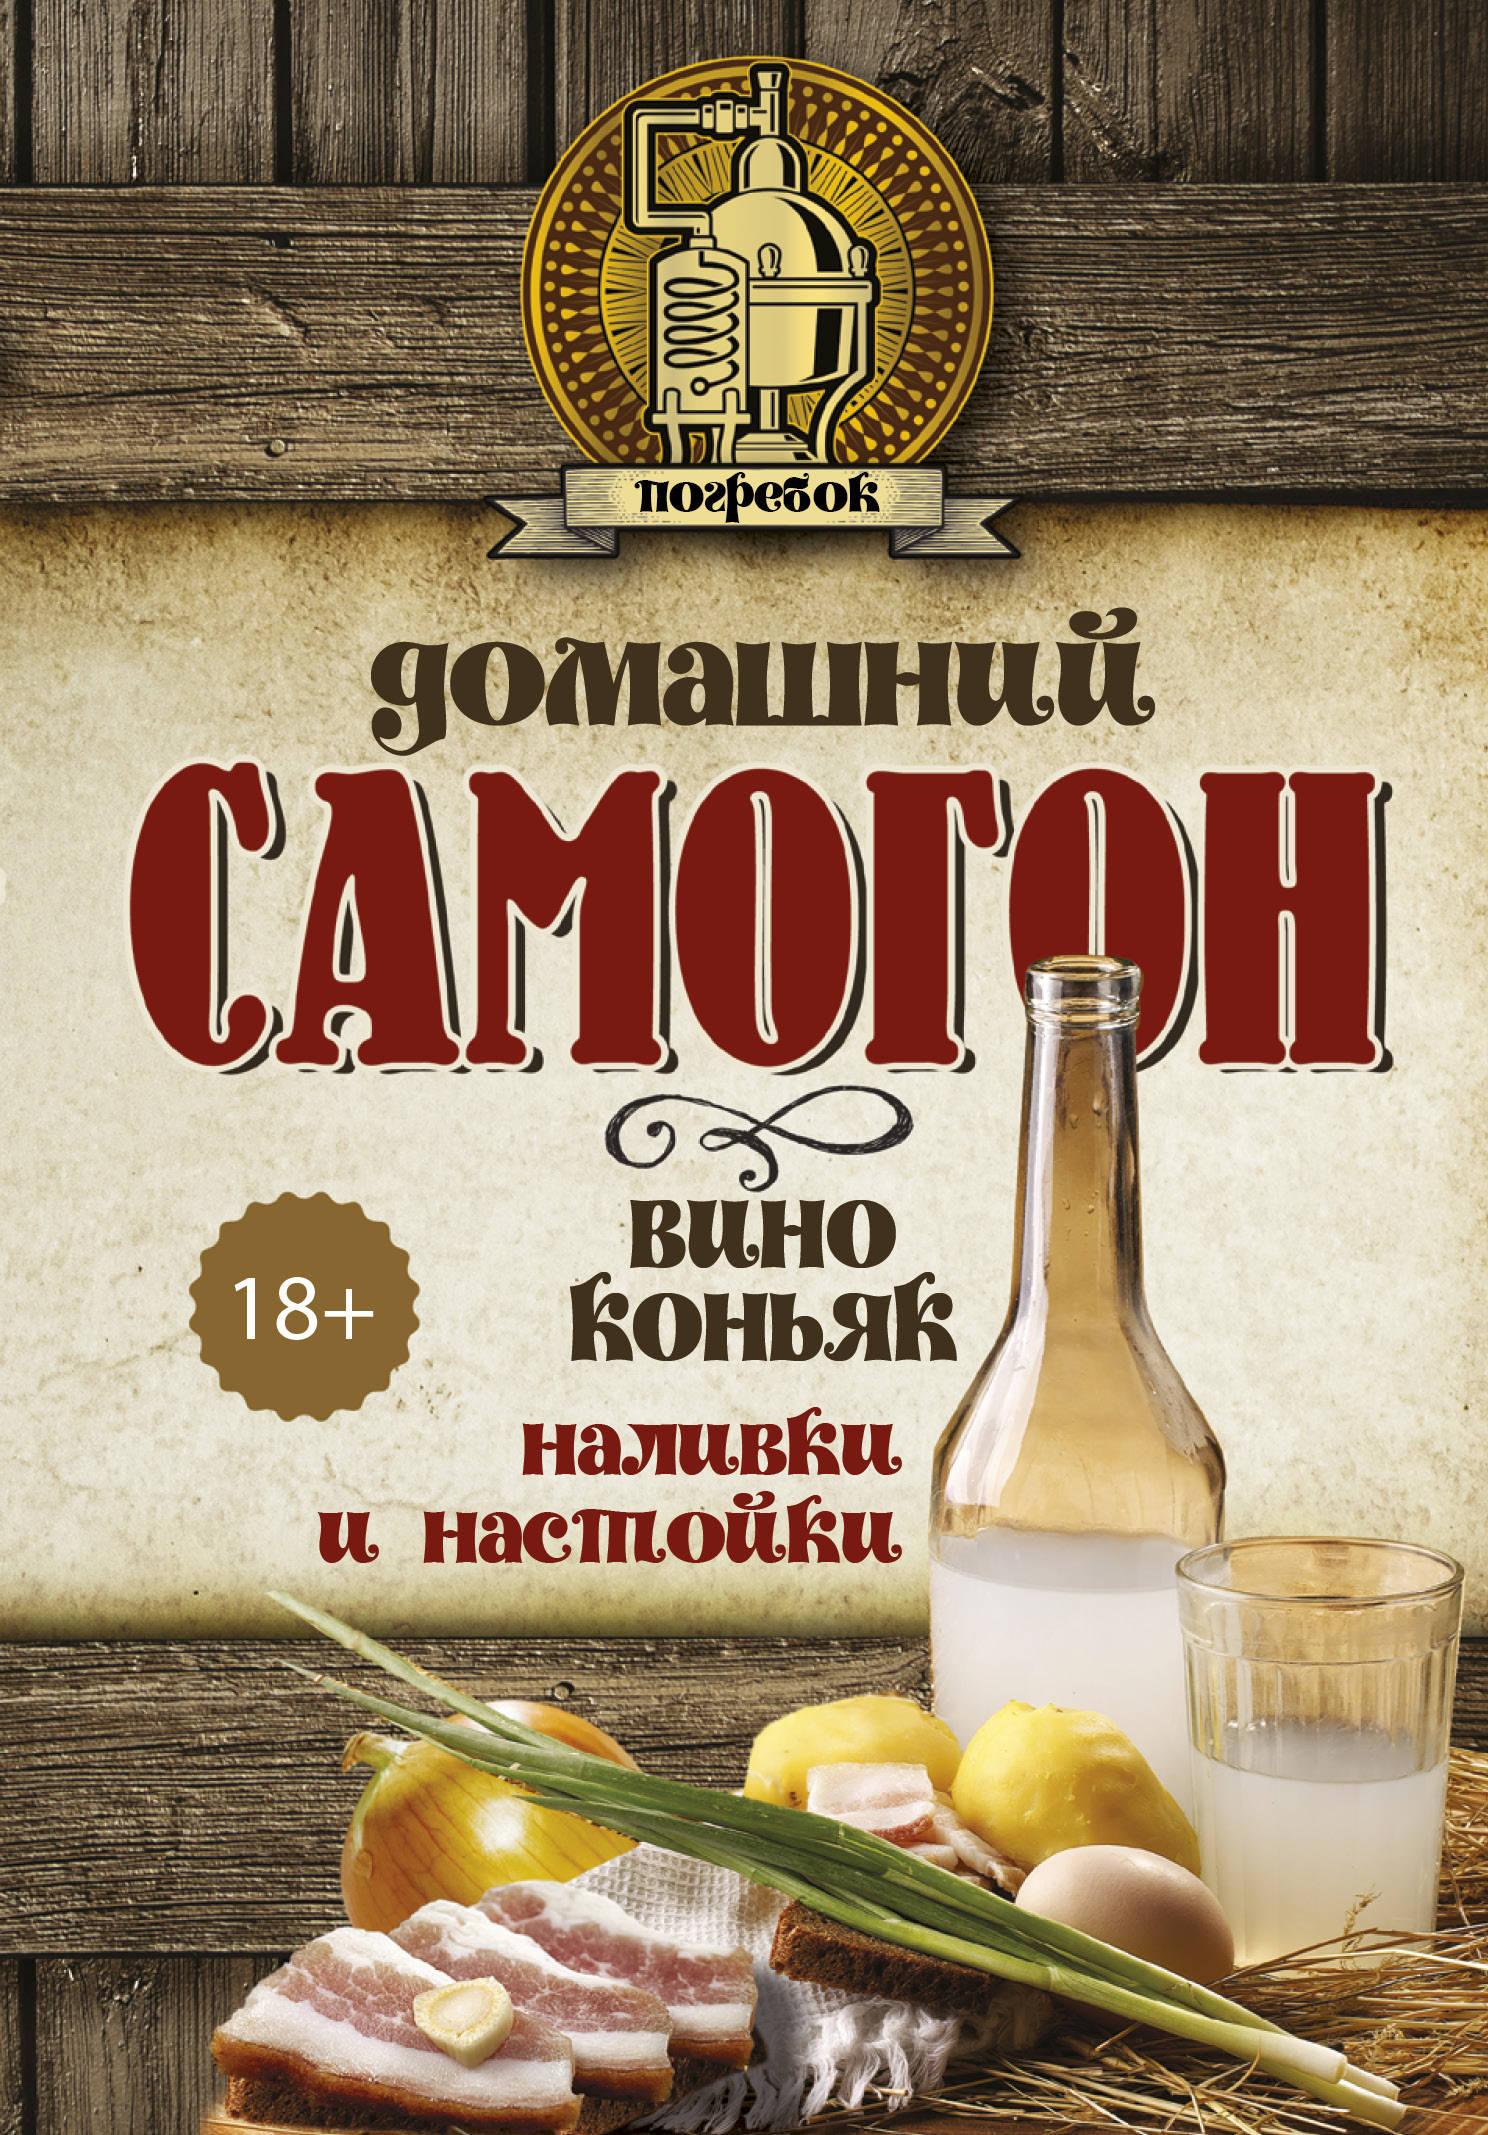 Токарев Дмитрий Николаевич Домашний самогон, вино, коньяк, наливки и настойки домашний самогон вино коньяк наливки и настойки